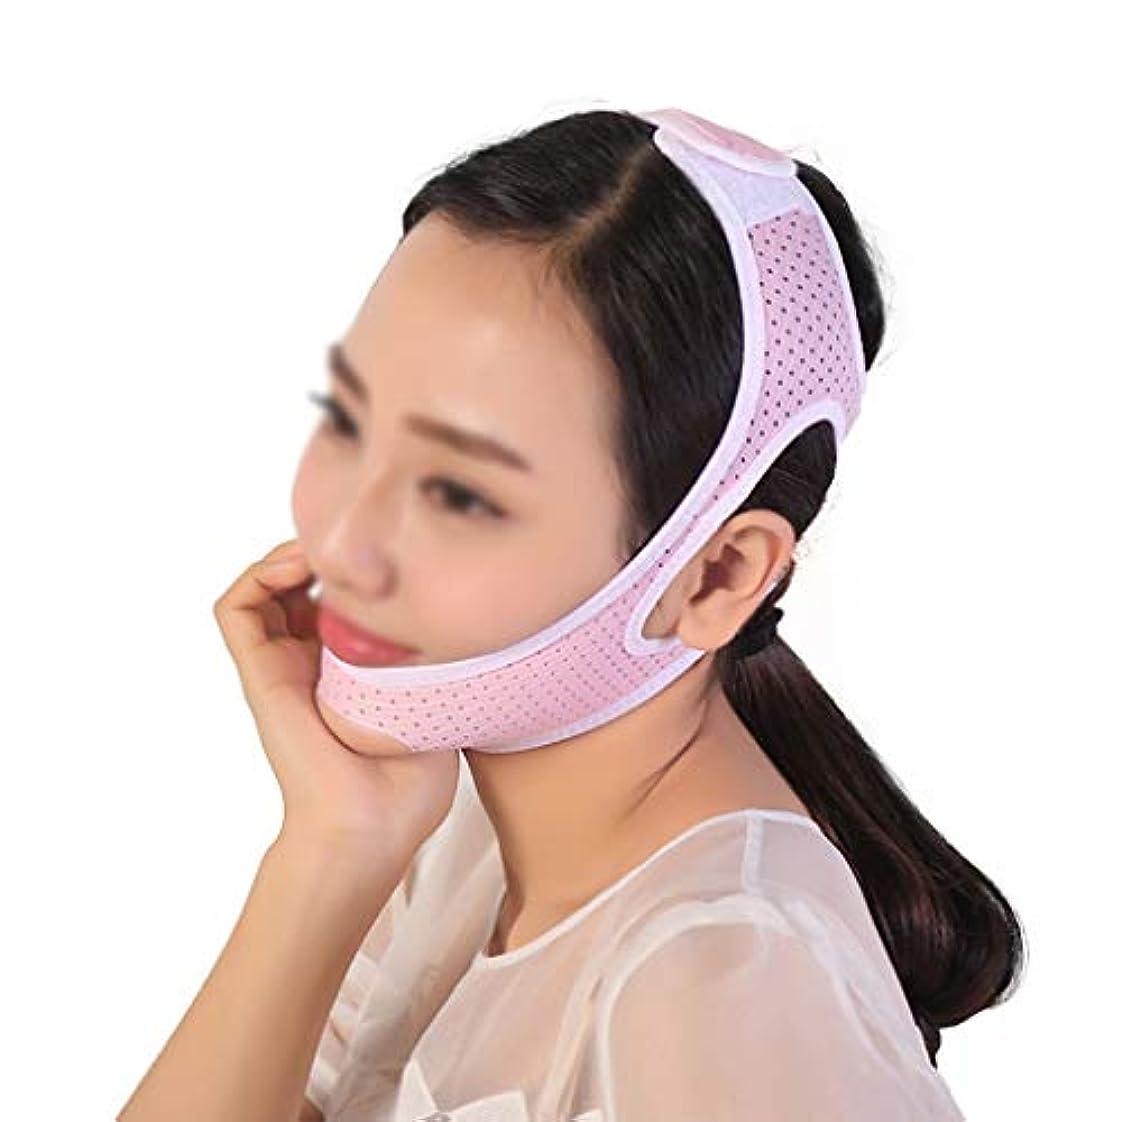 せせらぎ吸う船XHLMRMJ フェイスリフトマスク、顔の皮膚の首のあごのラインを向上させます、リフトフェイス、シンチークマスク、シンチンチークシンV(ピンク) (Size : L)